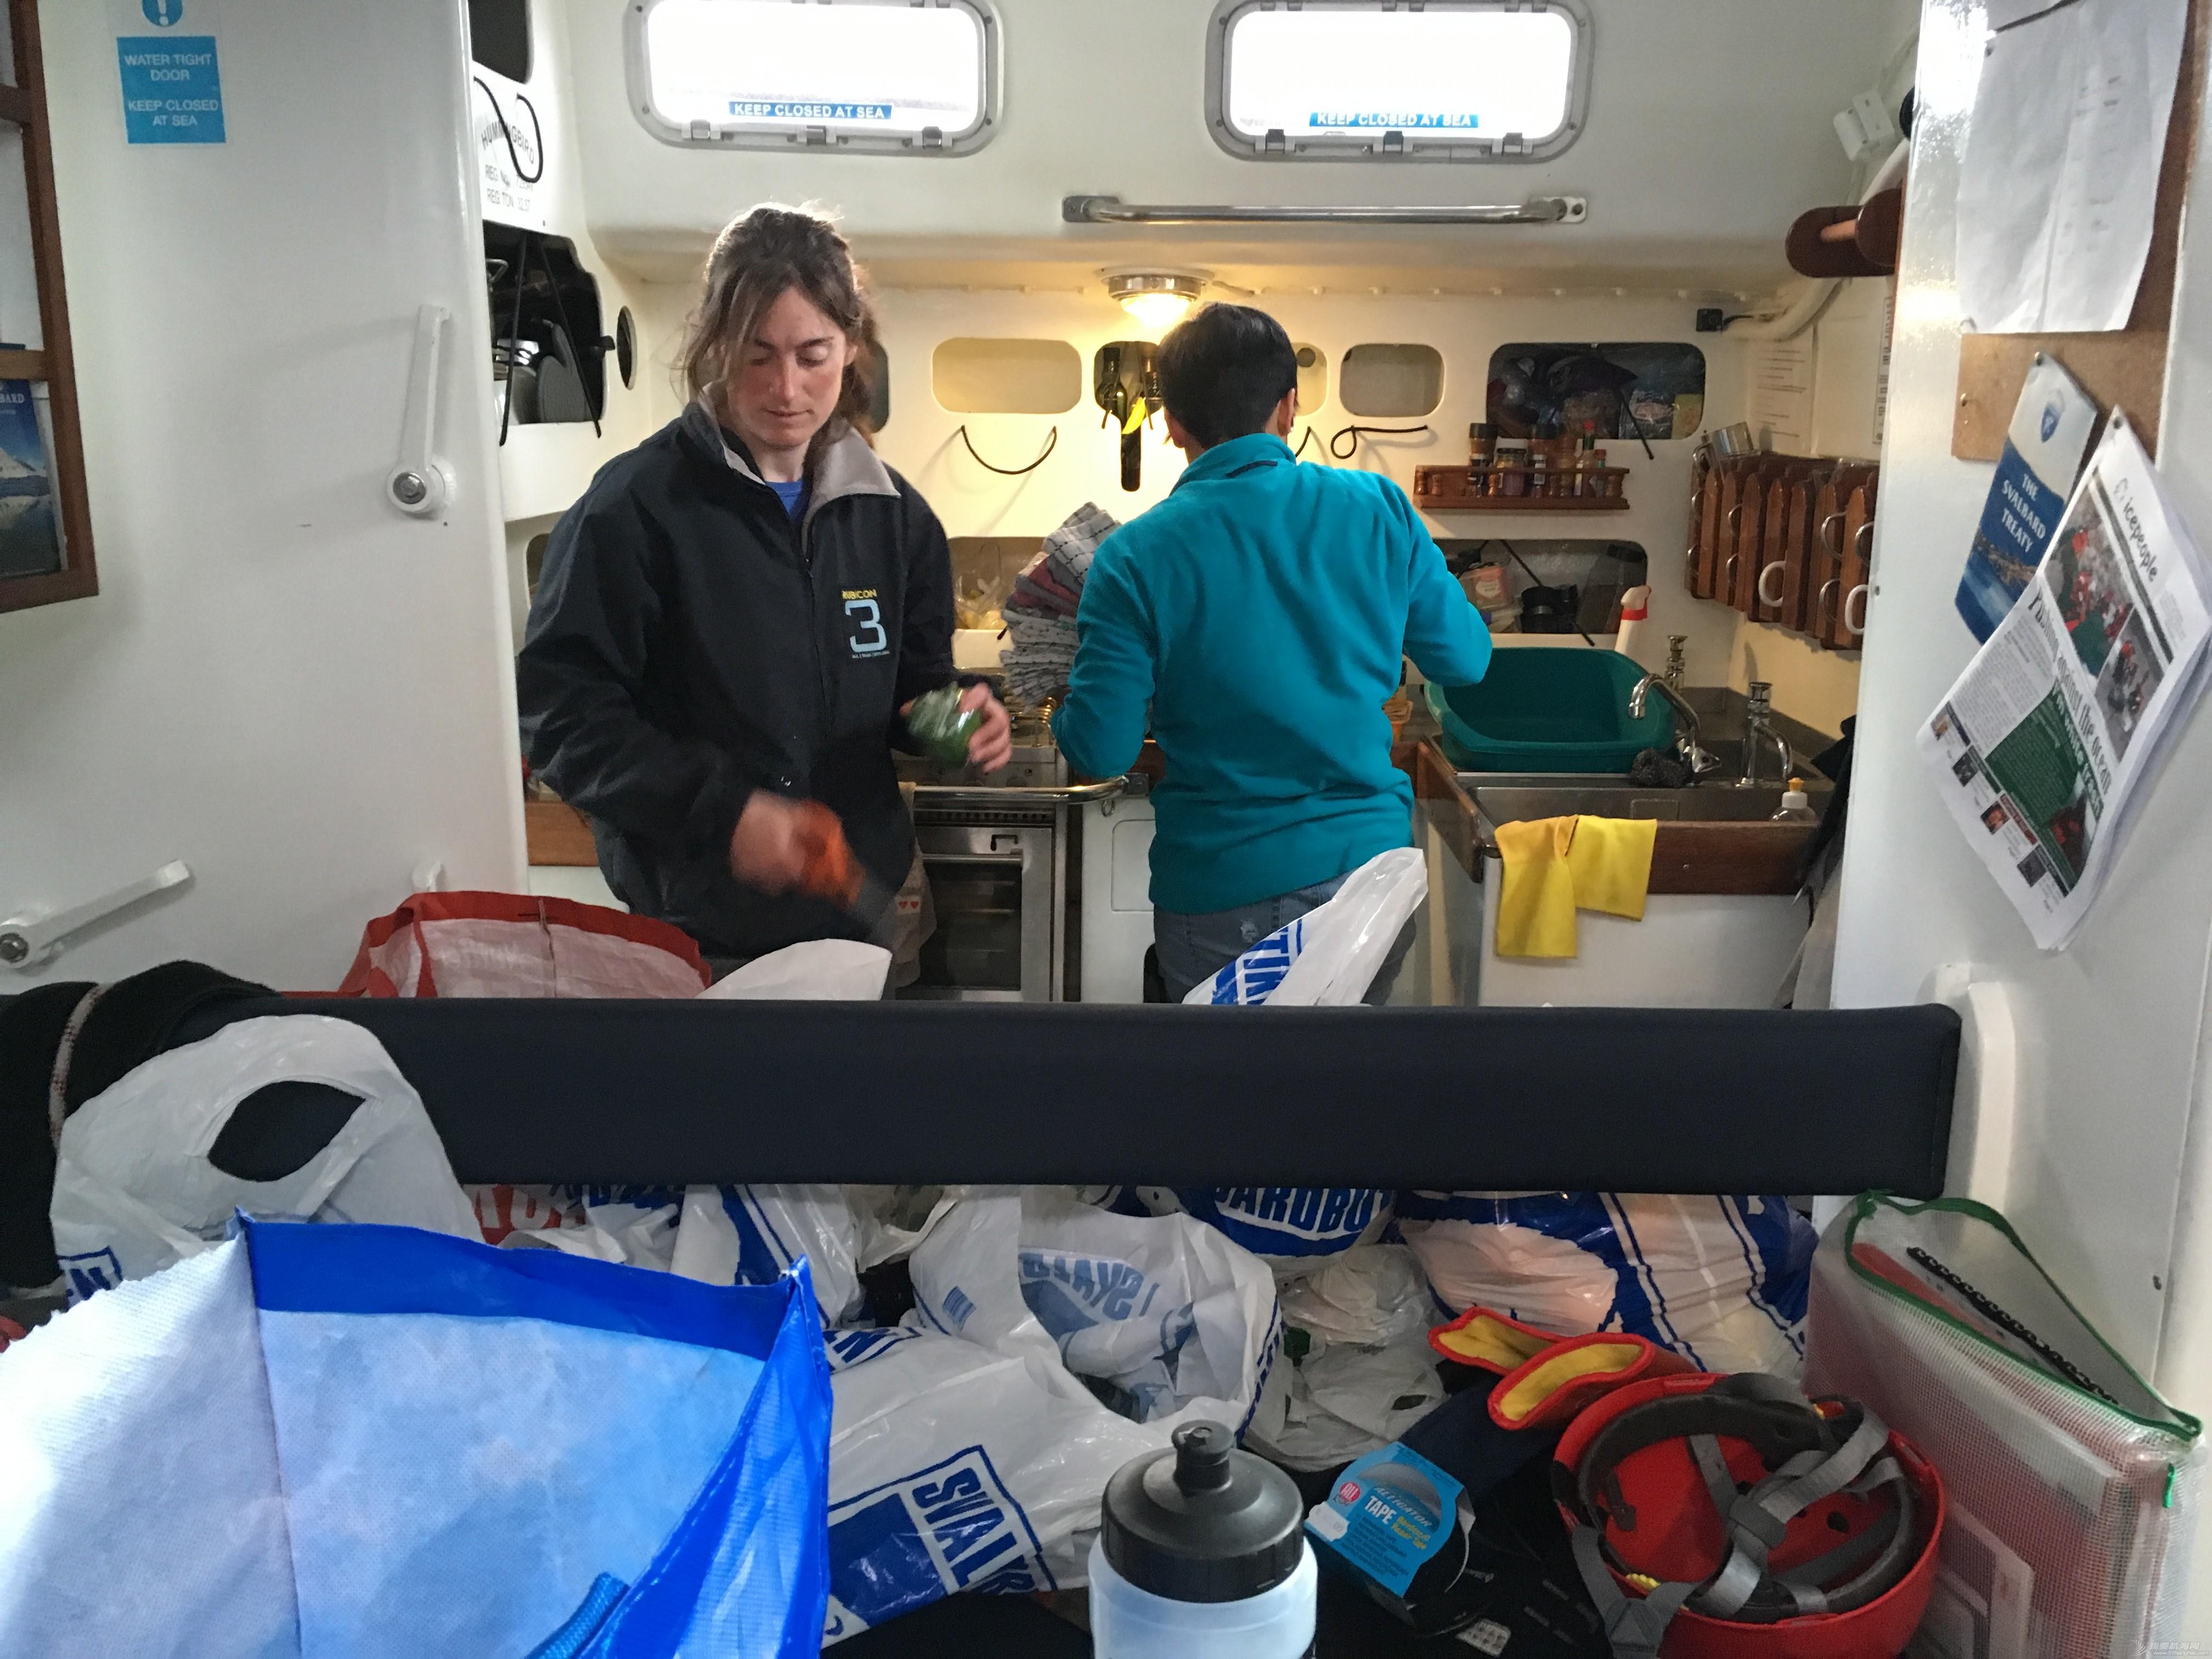 比基尼,北极圈,卫生纸,男男女女,wifi 帆洲北极-五 北极圈内的离岸航行 IMG_7824.JPG